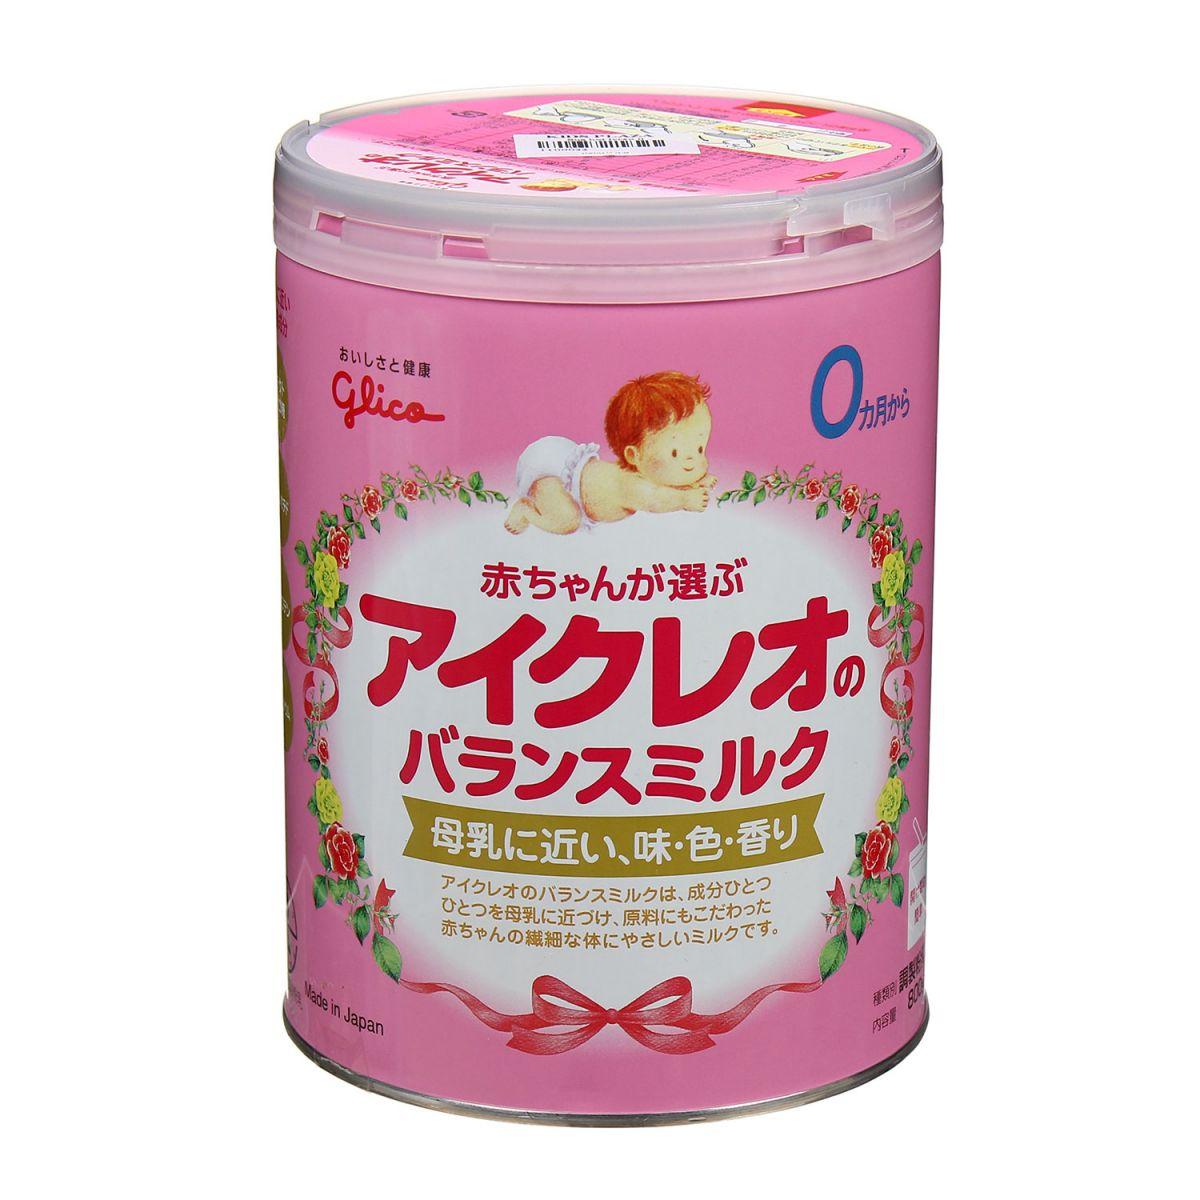 Sữa Glico số 0 nhập khẩu nguyên lon từ Nhật bản